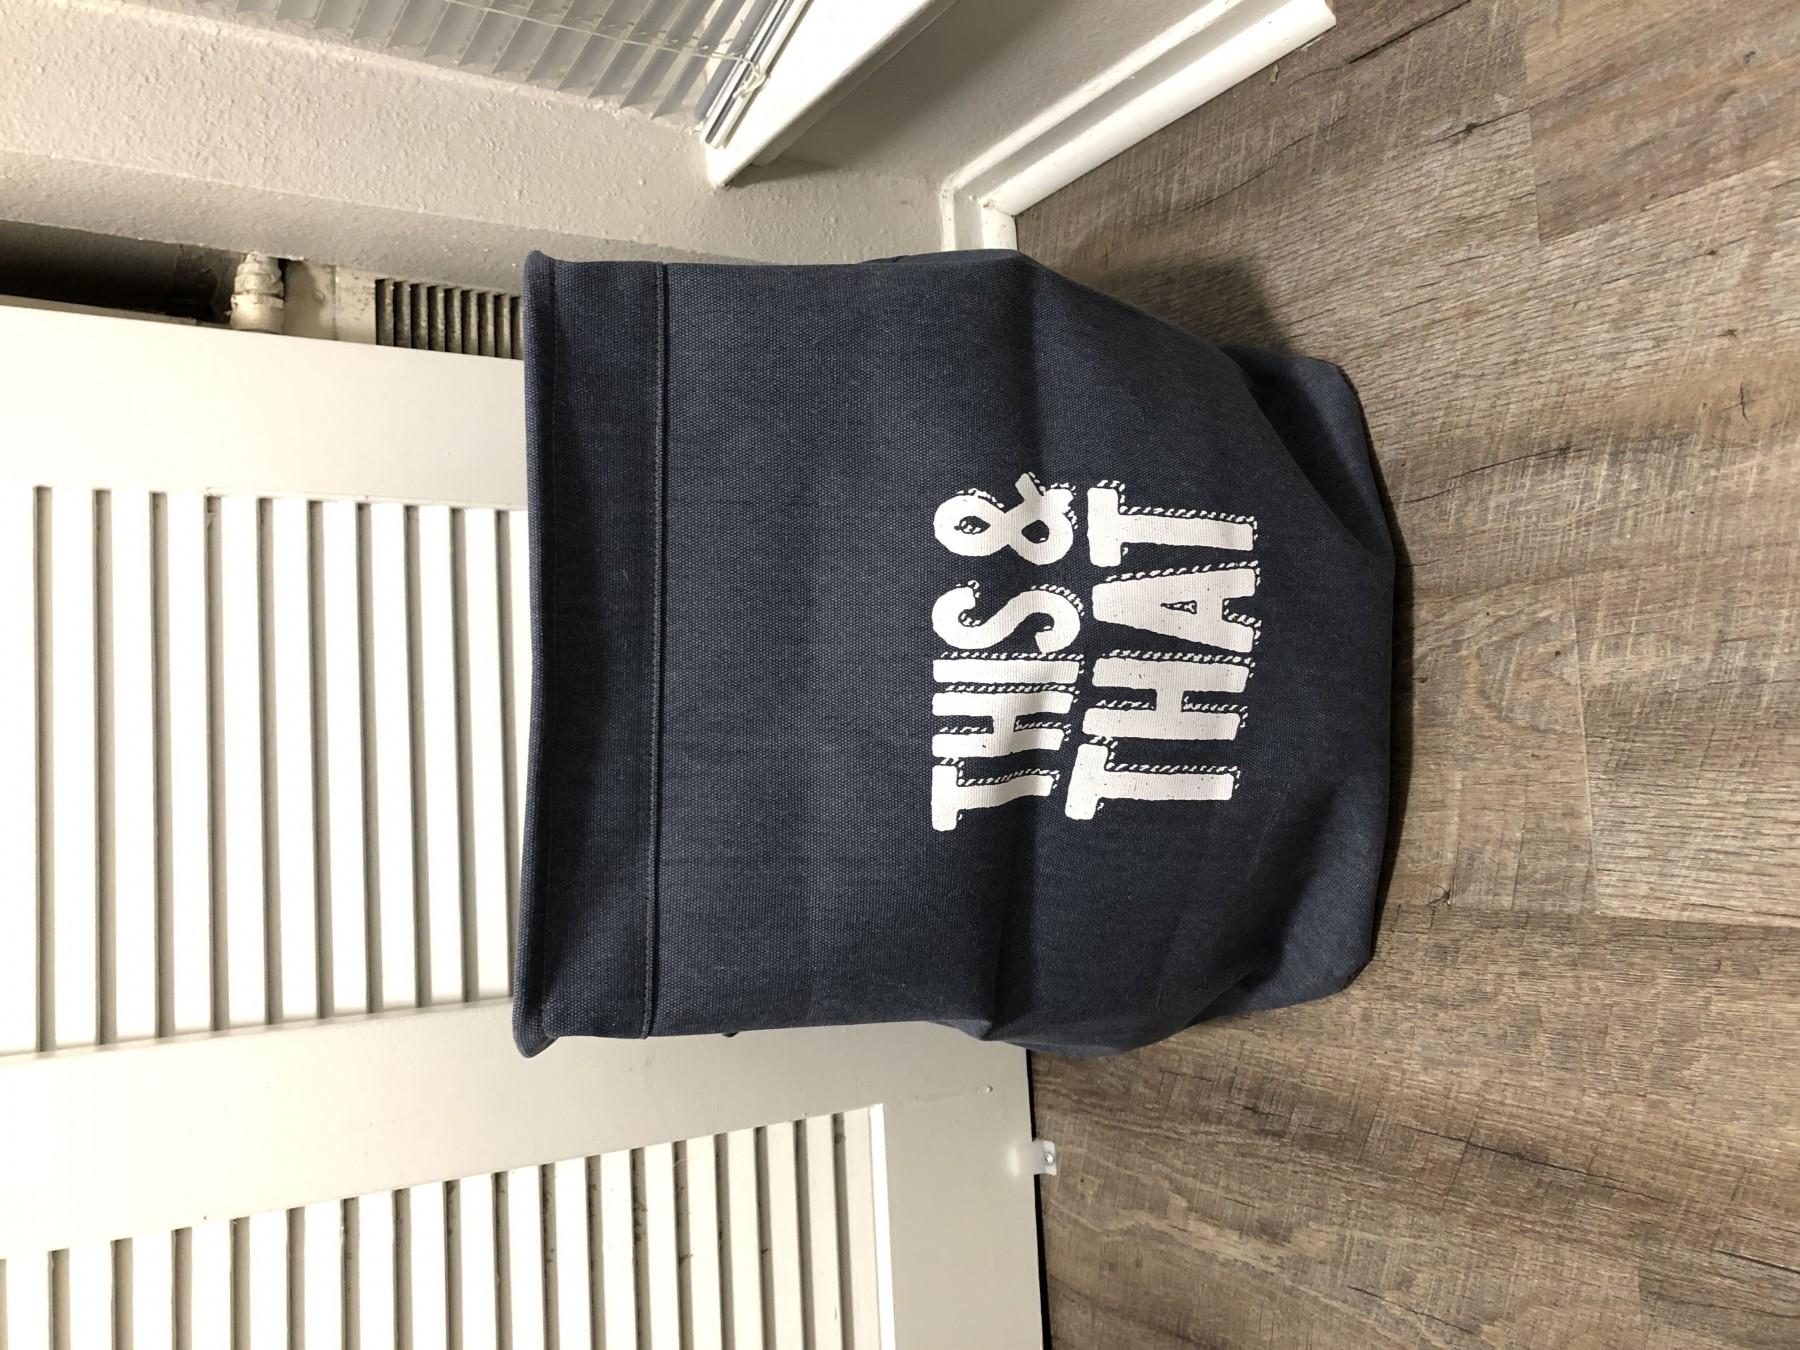 Sturdy Laundry bag